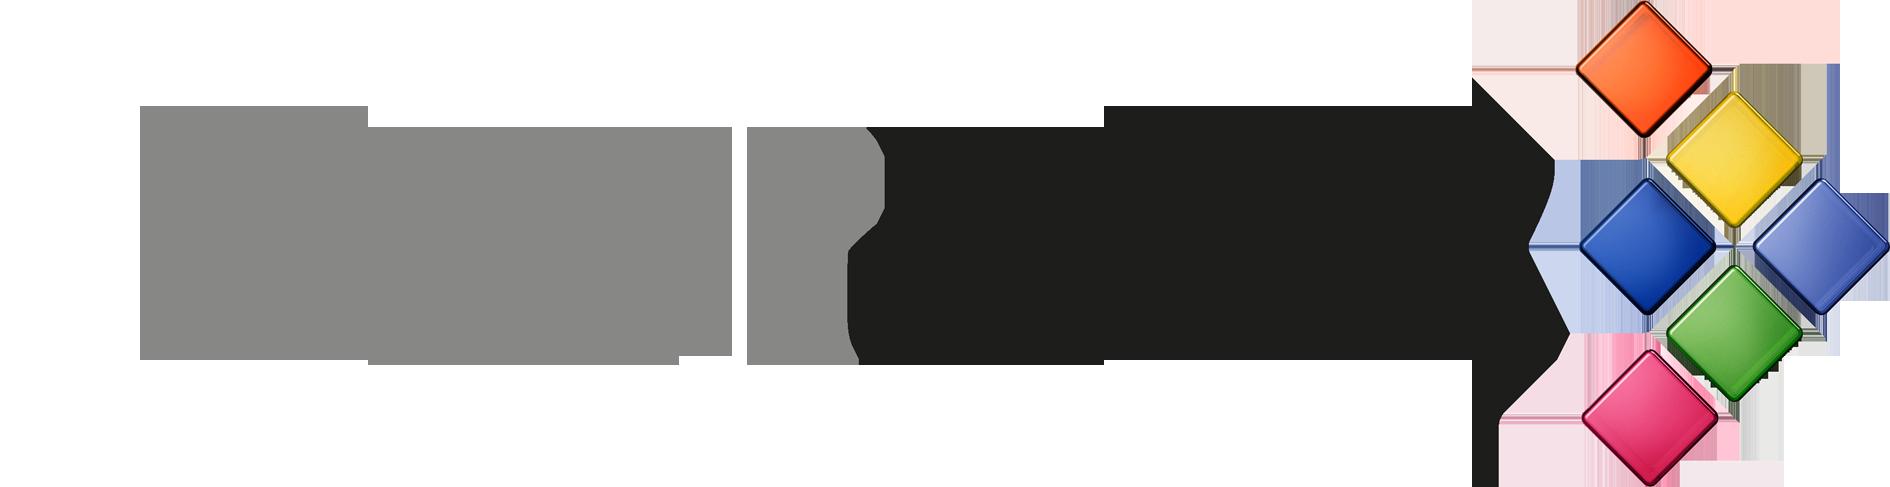 interntain_medium